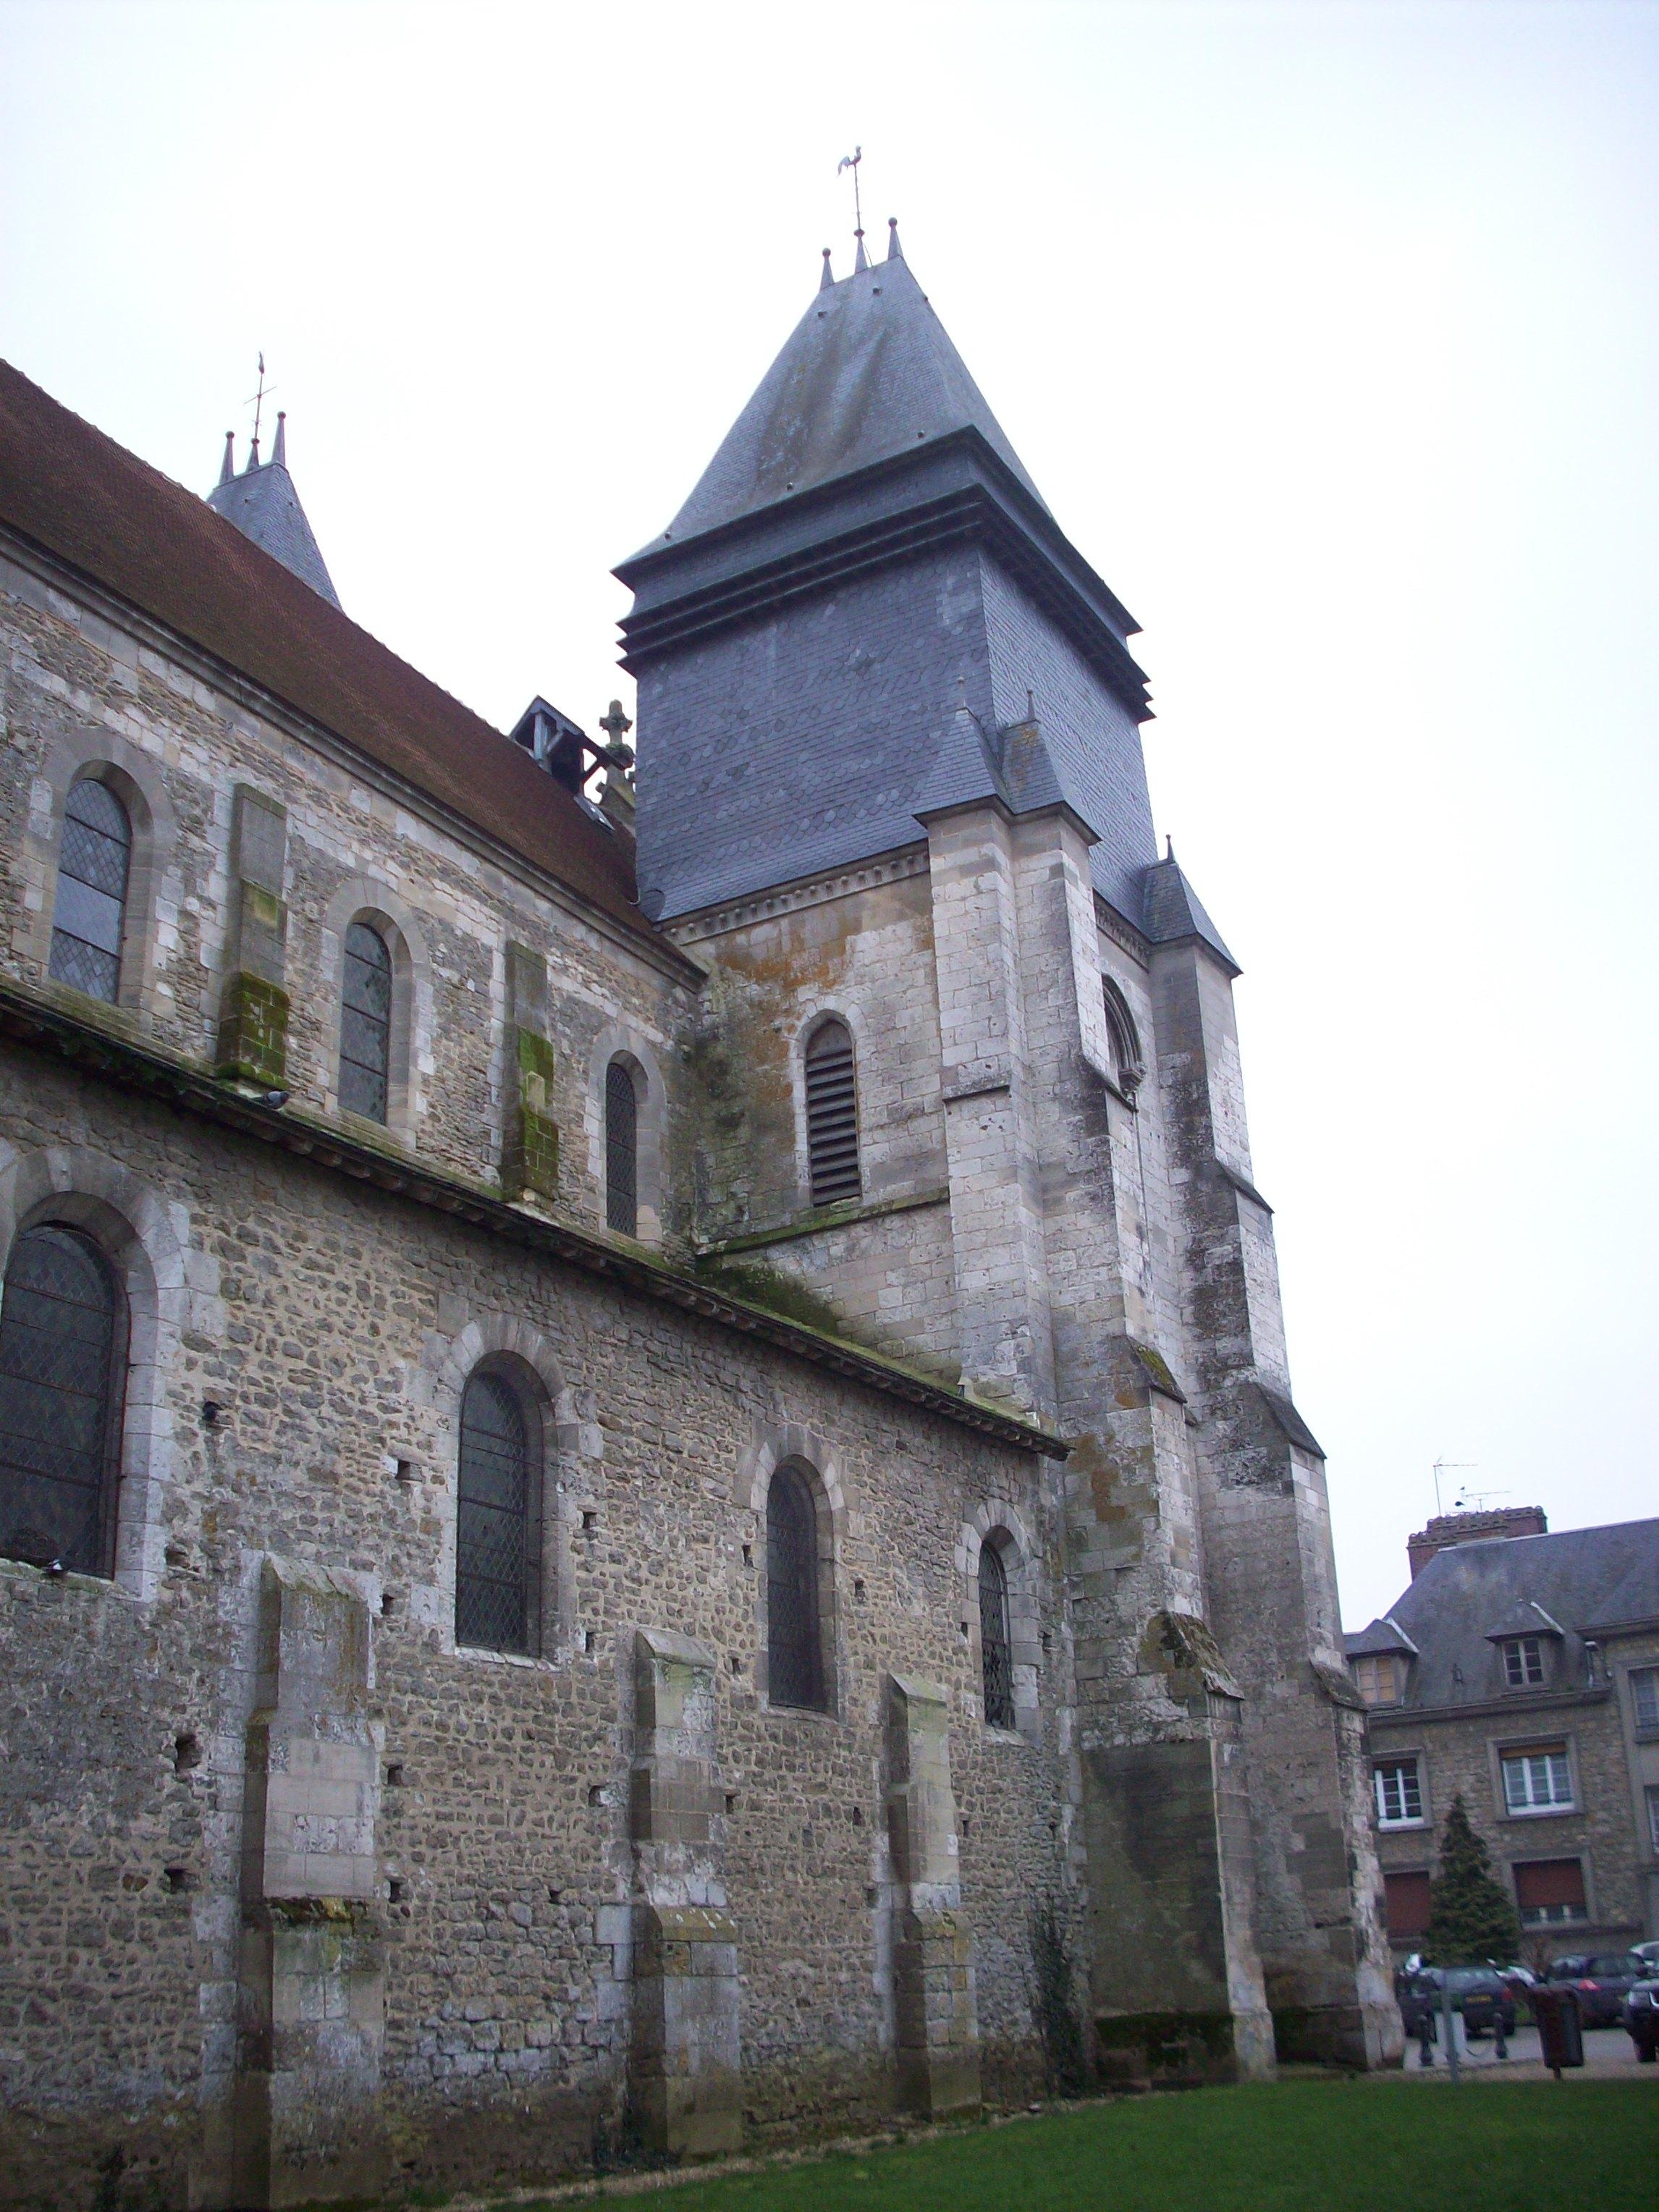 Gournay-en-Bray